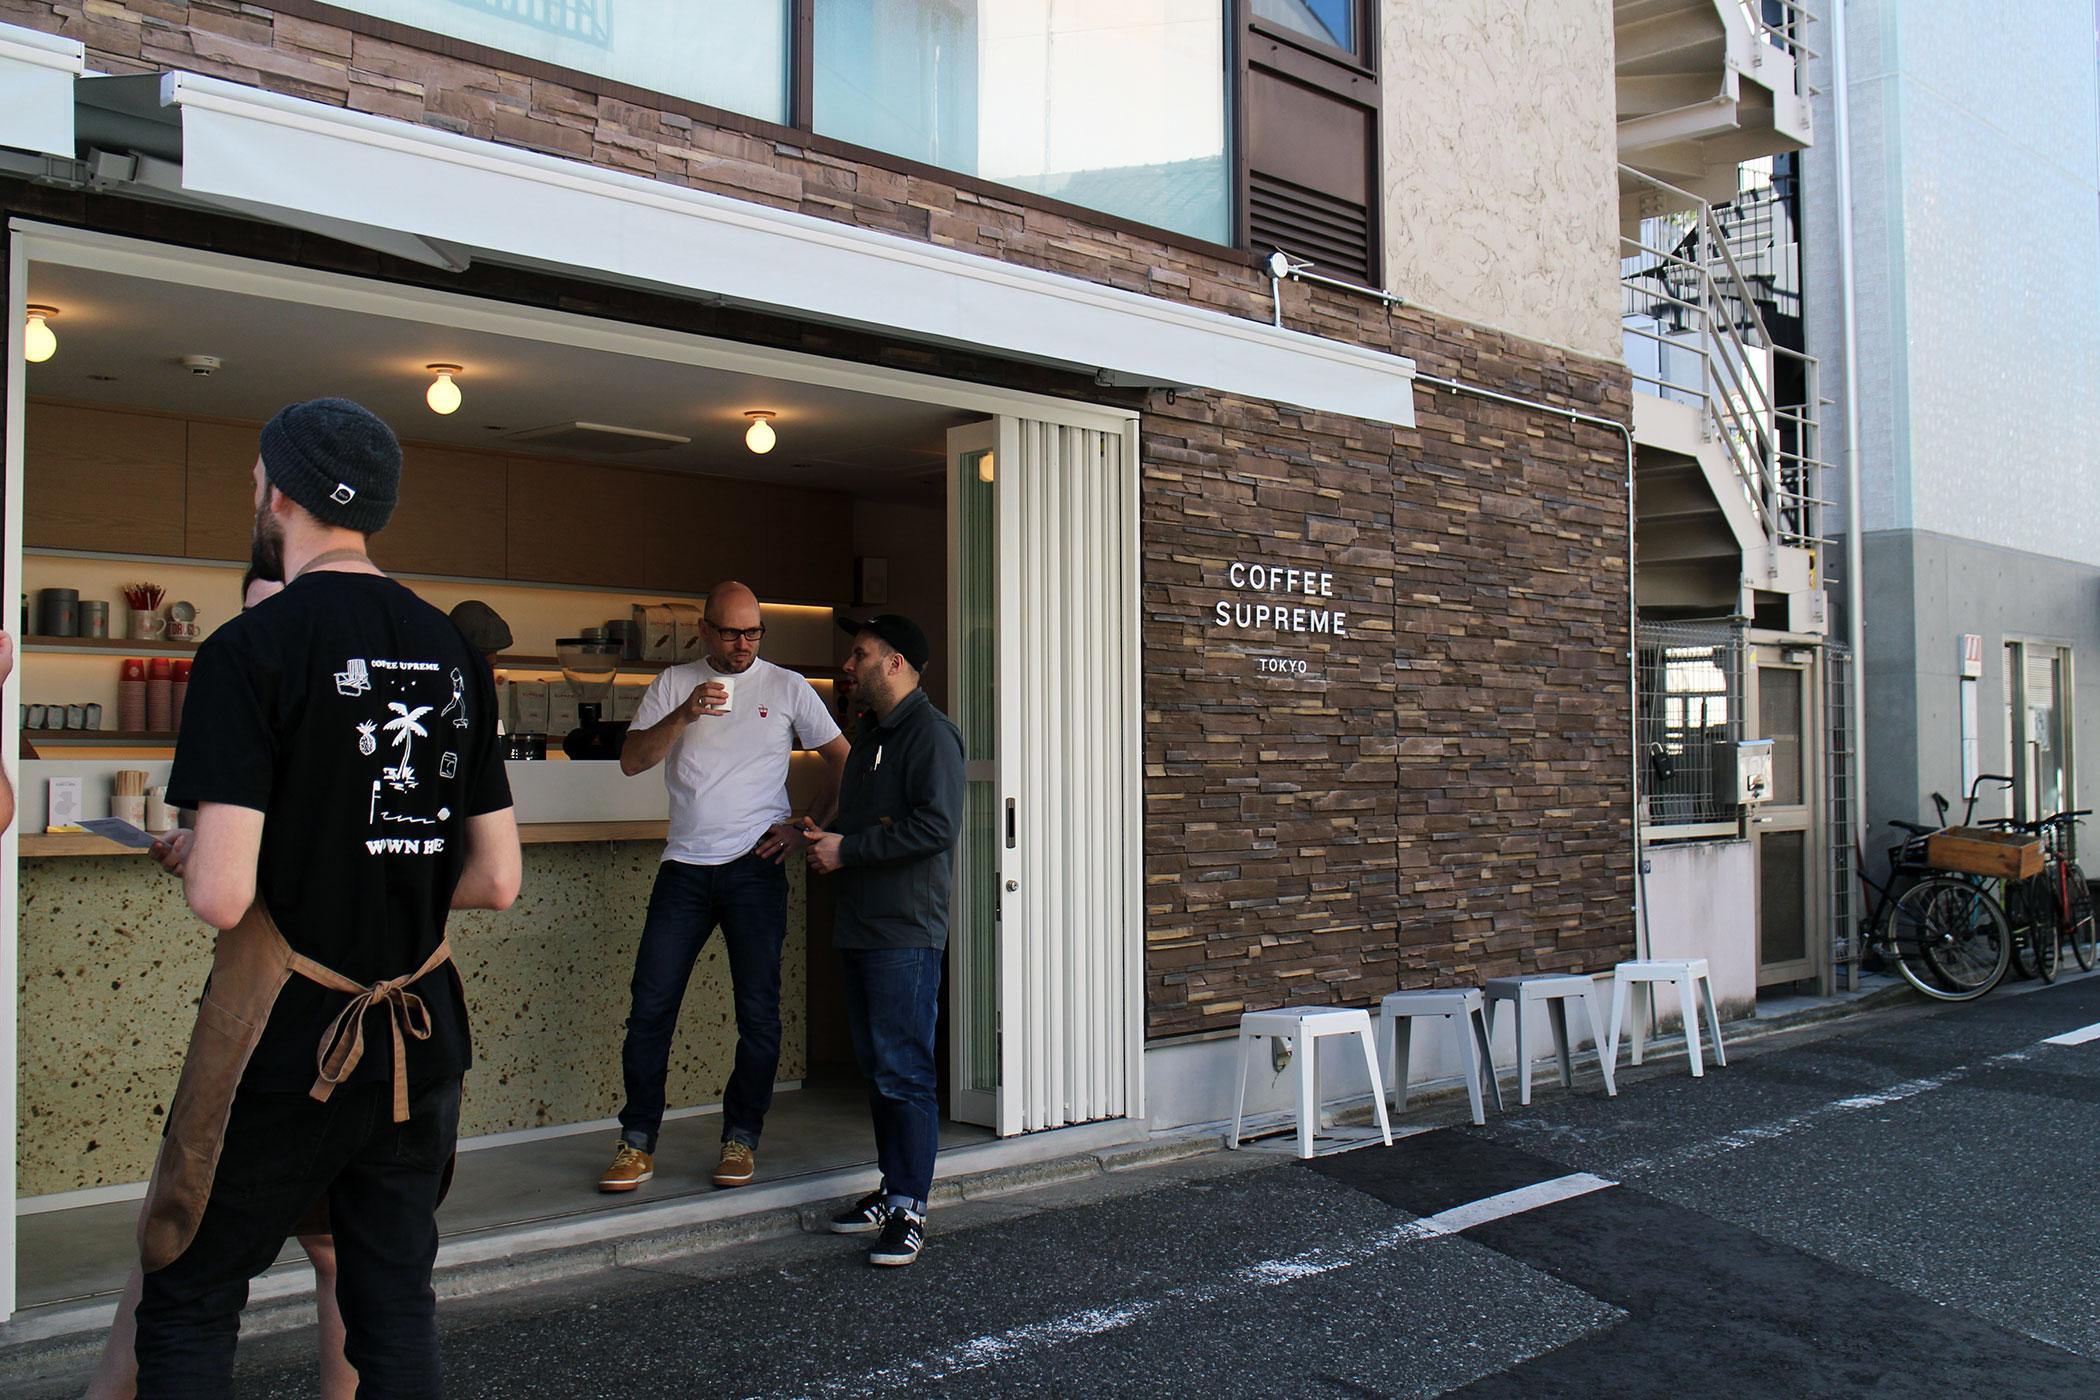 2017年10月の人気カフェ&コーヒースタンド 4位 COFFEE SUPREME TOKYO (コーヒースープリーム東京)